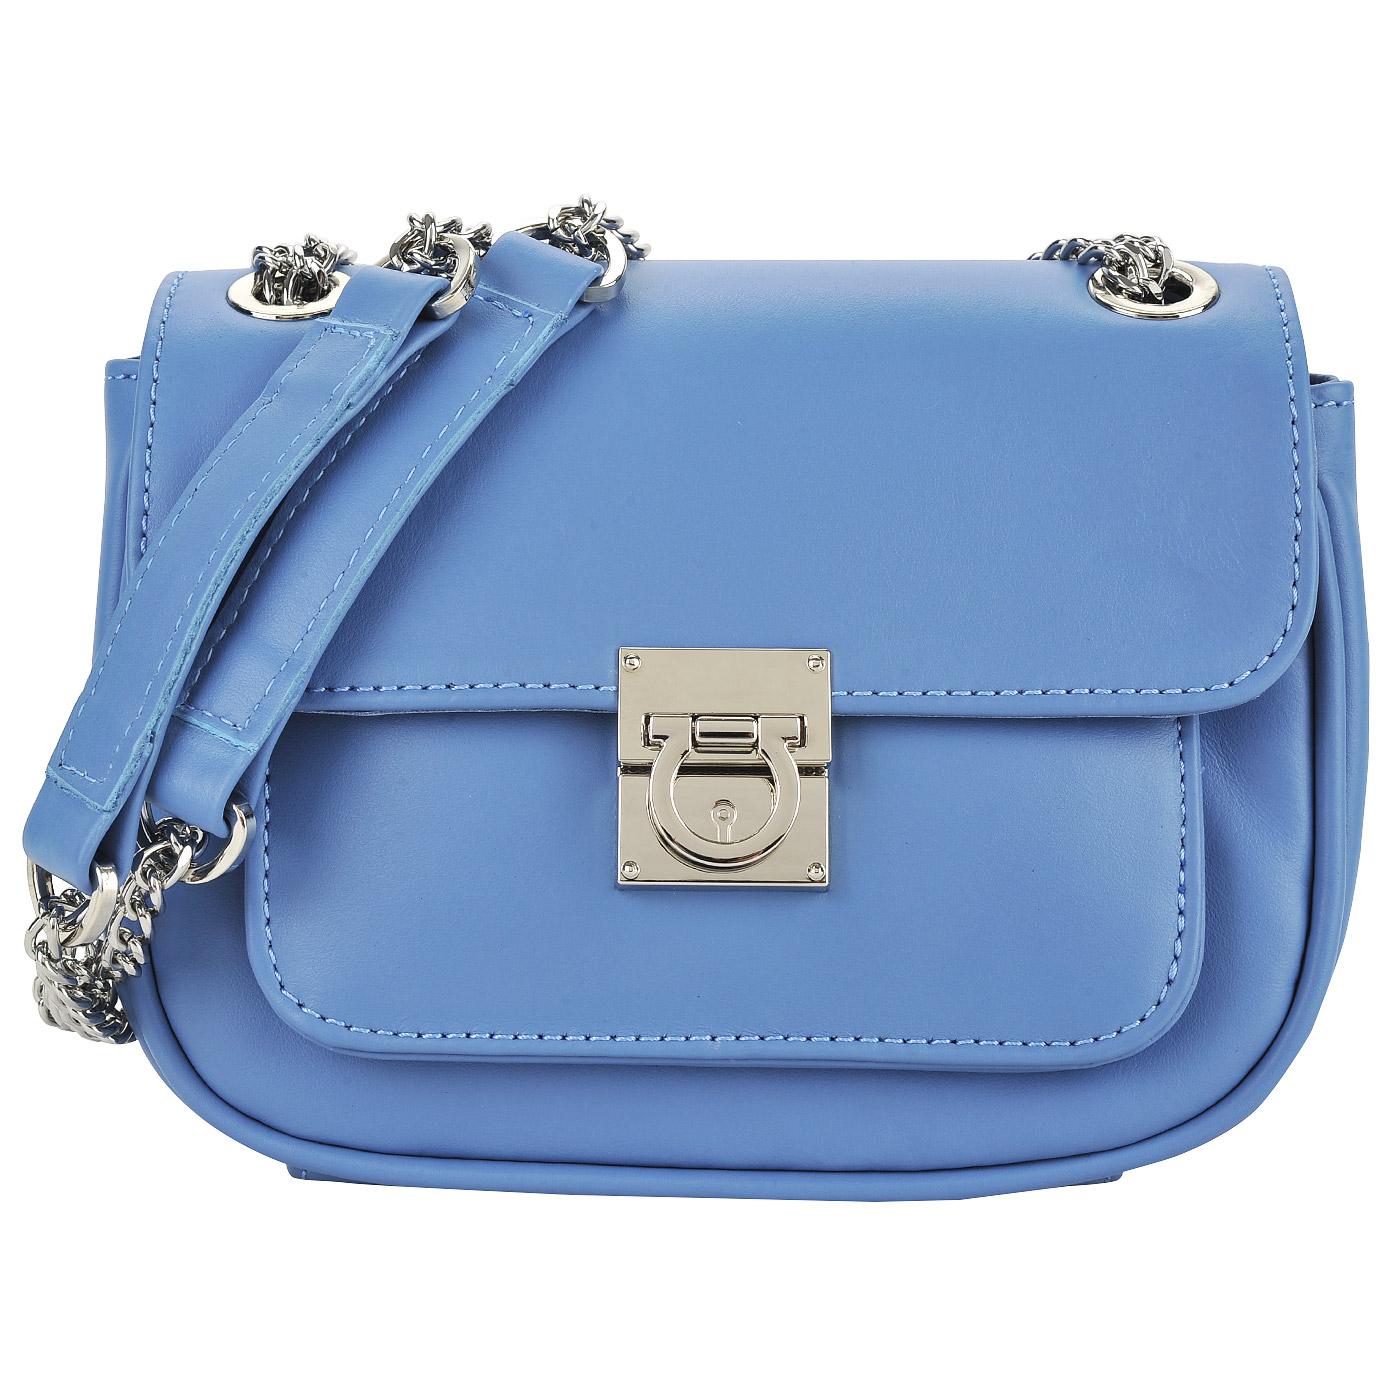 8a11f339eb6d Маленькая кожаная сумка голубого цвета через плечо Dispacci 0817 ...